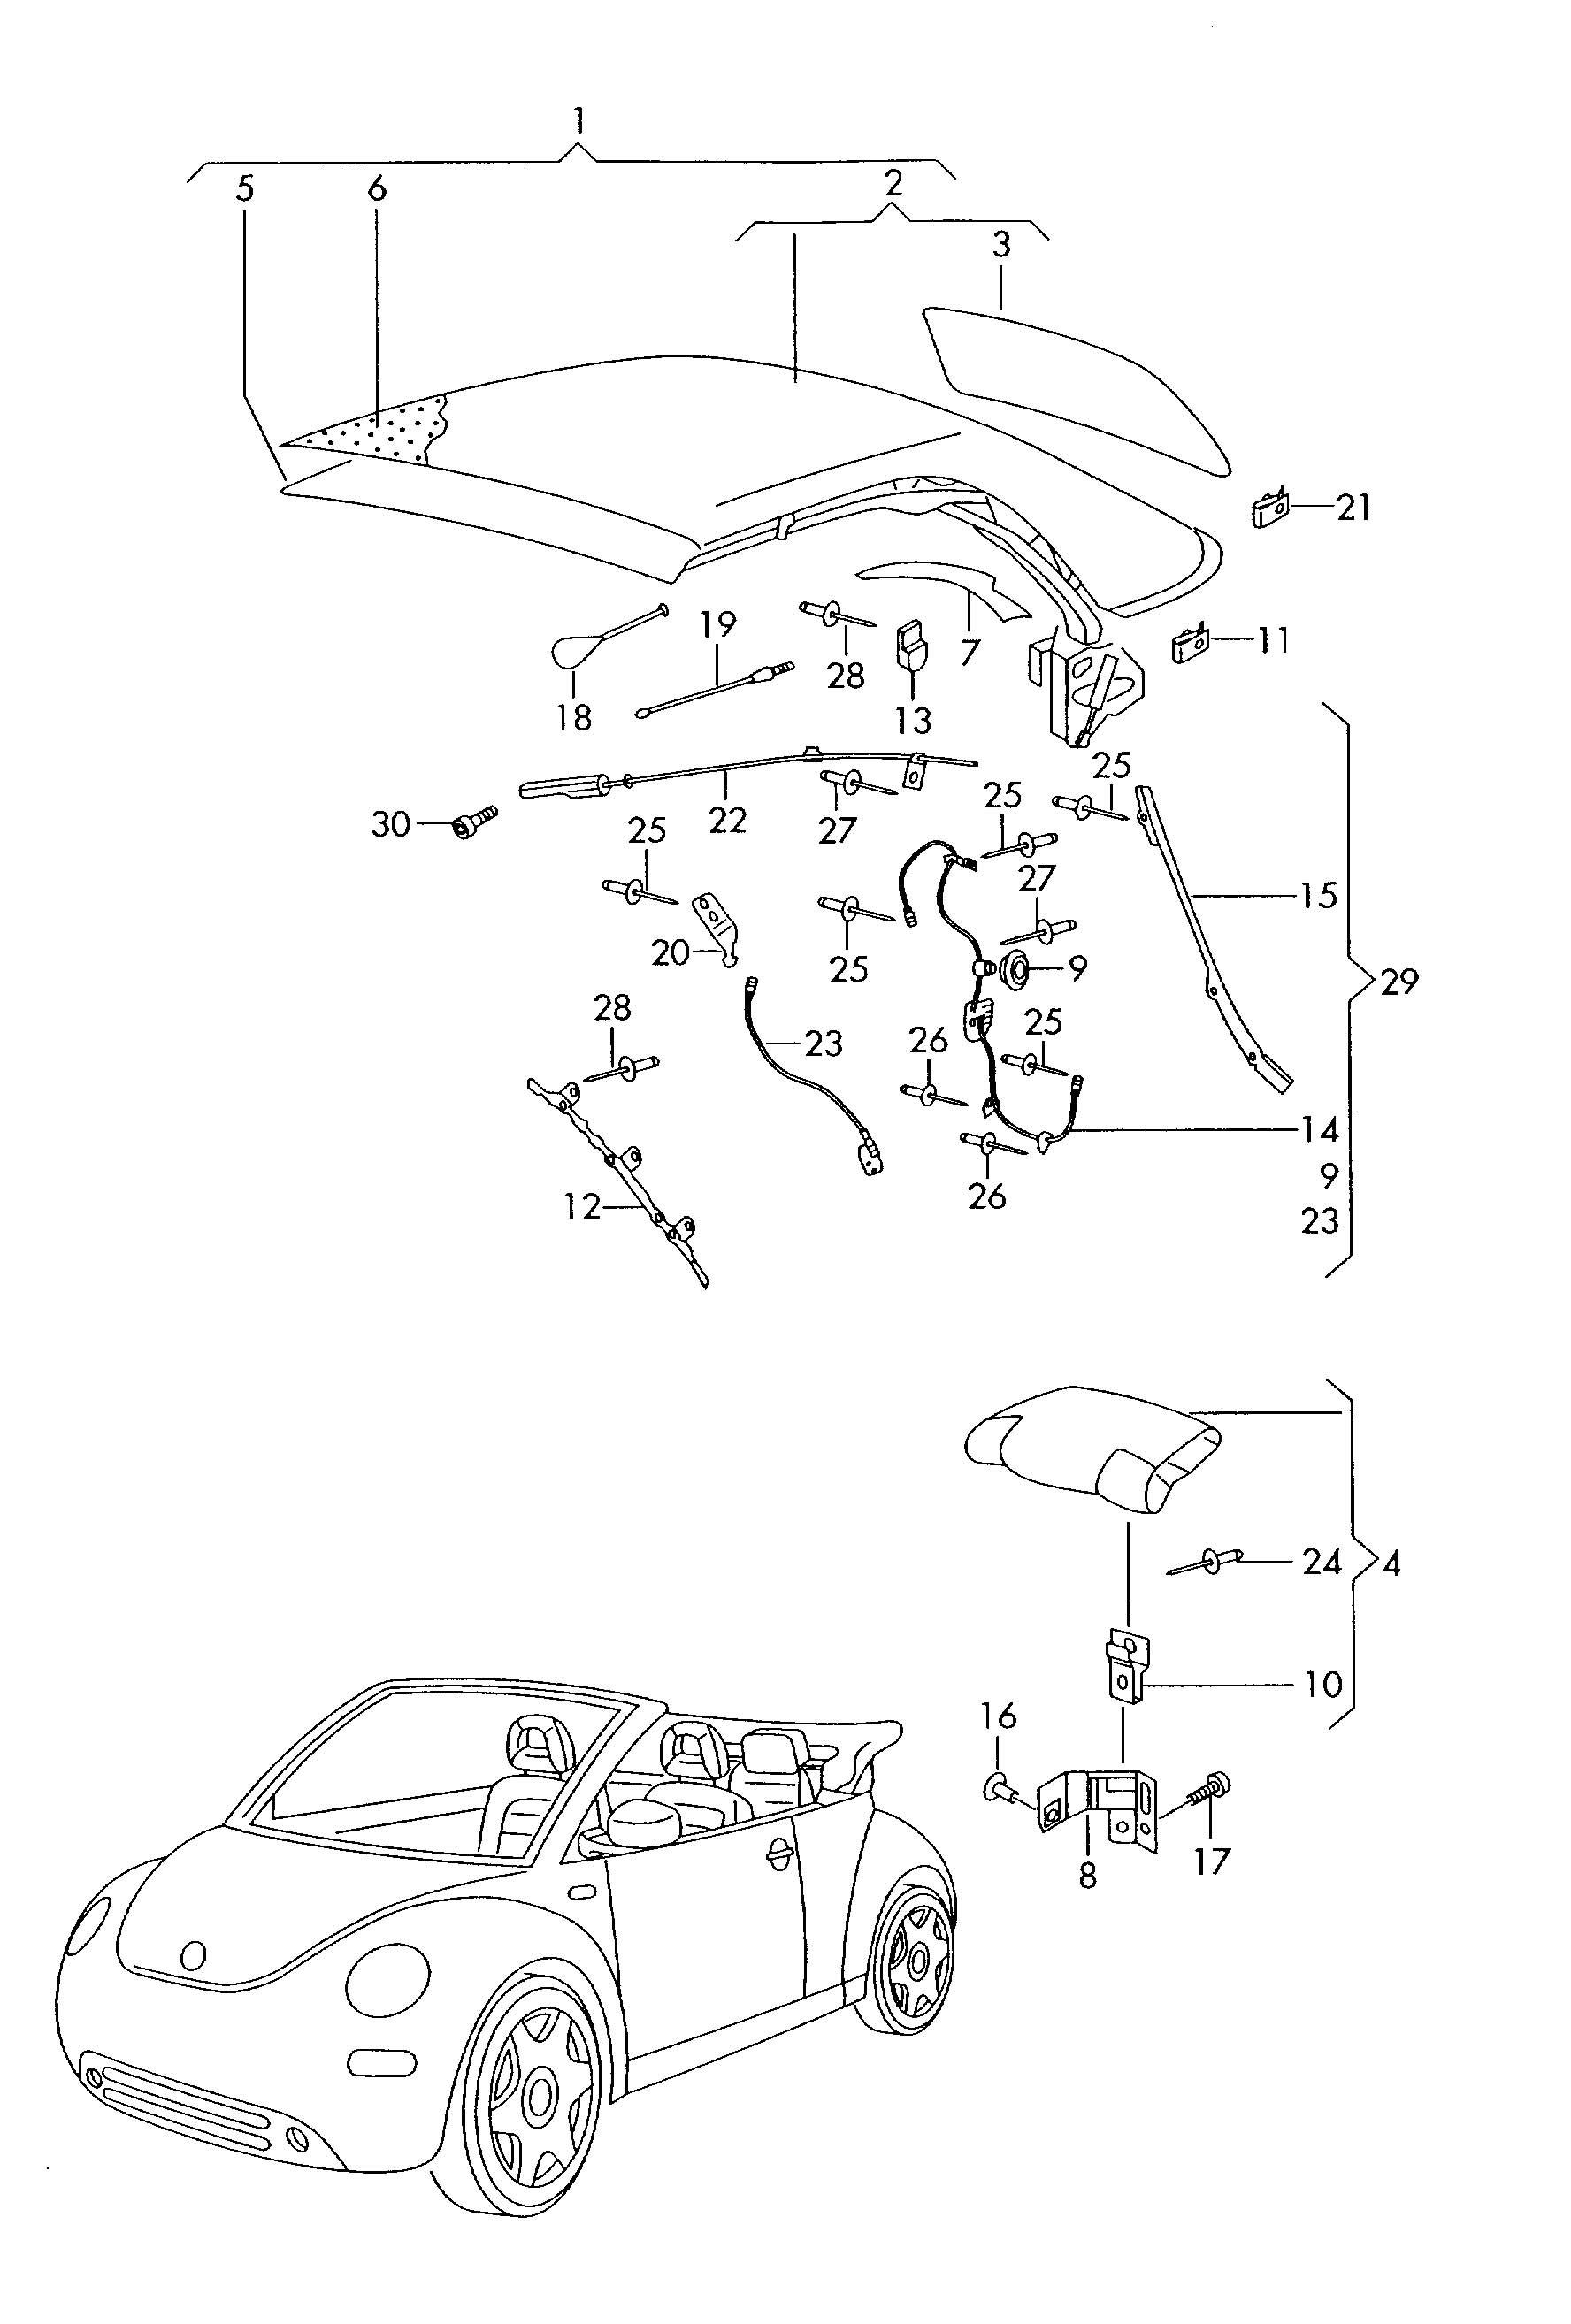 2003 vw new beetle wiring diagram